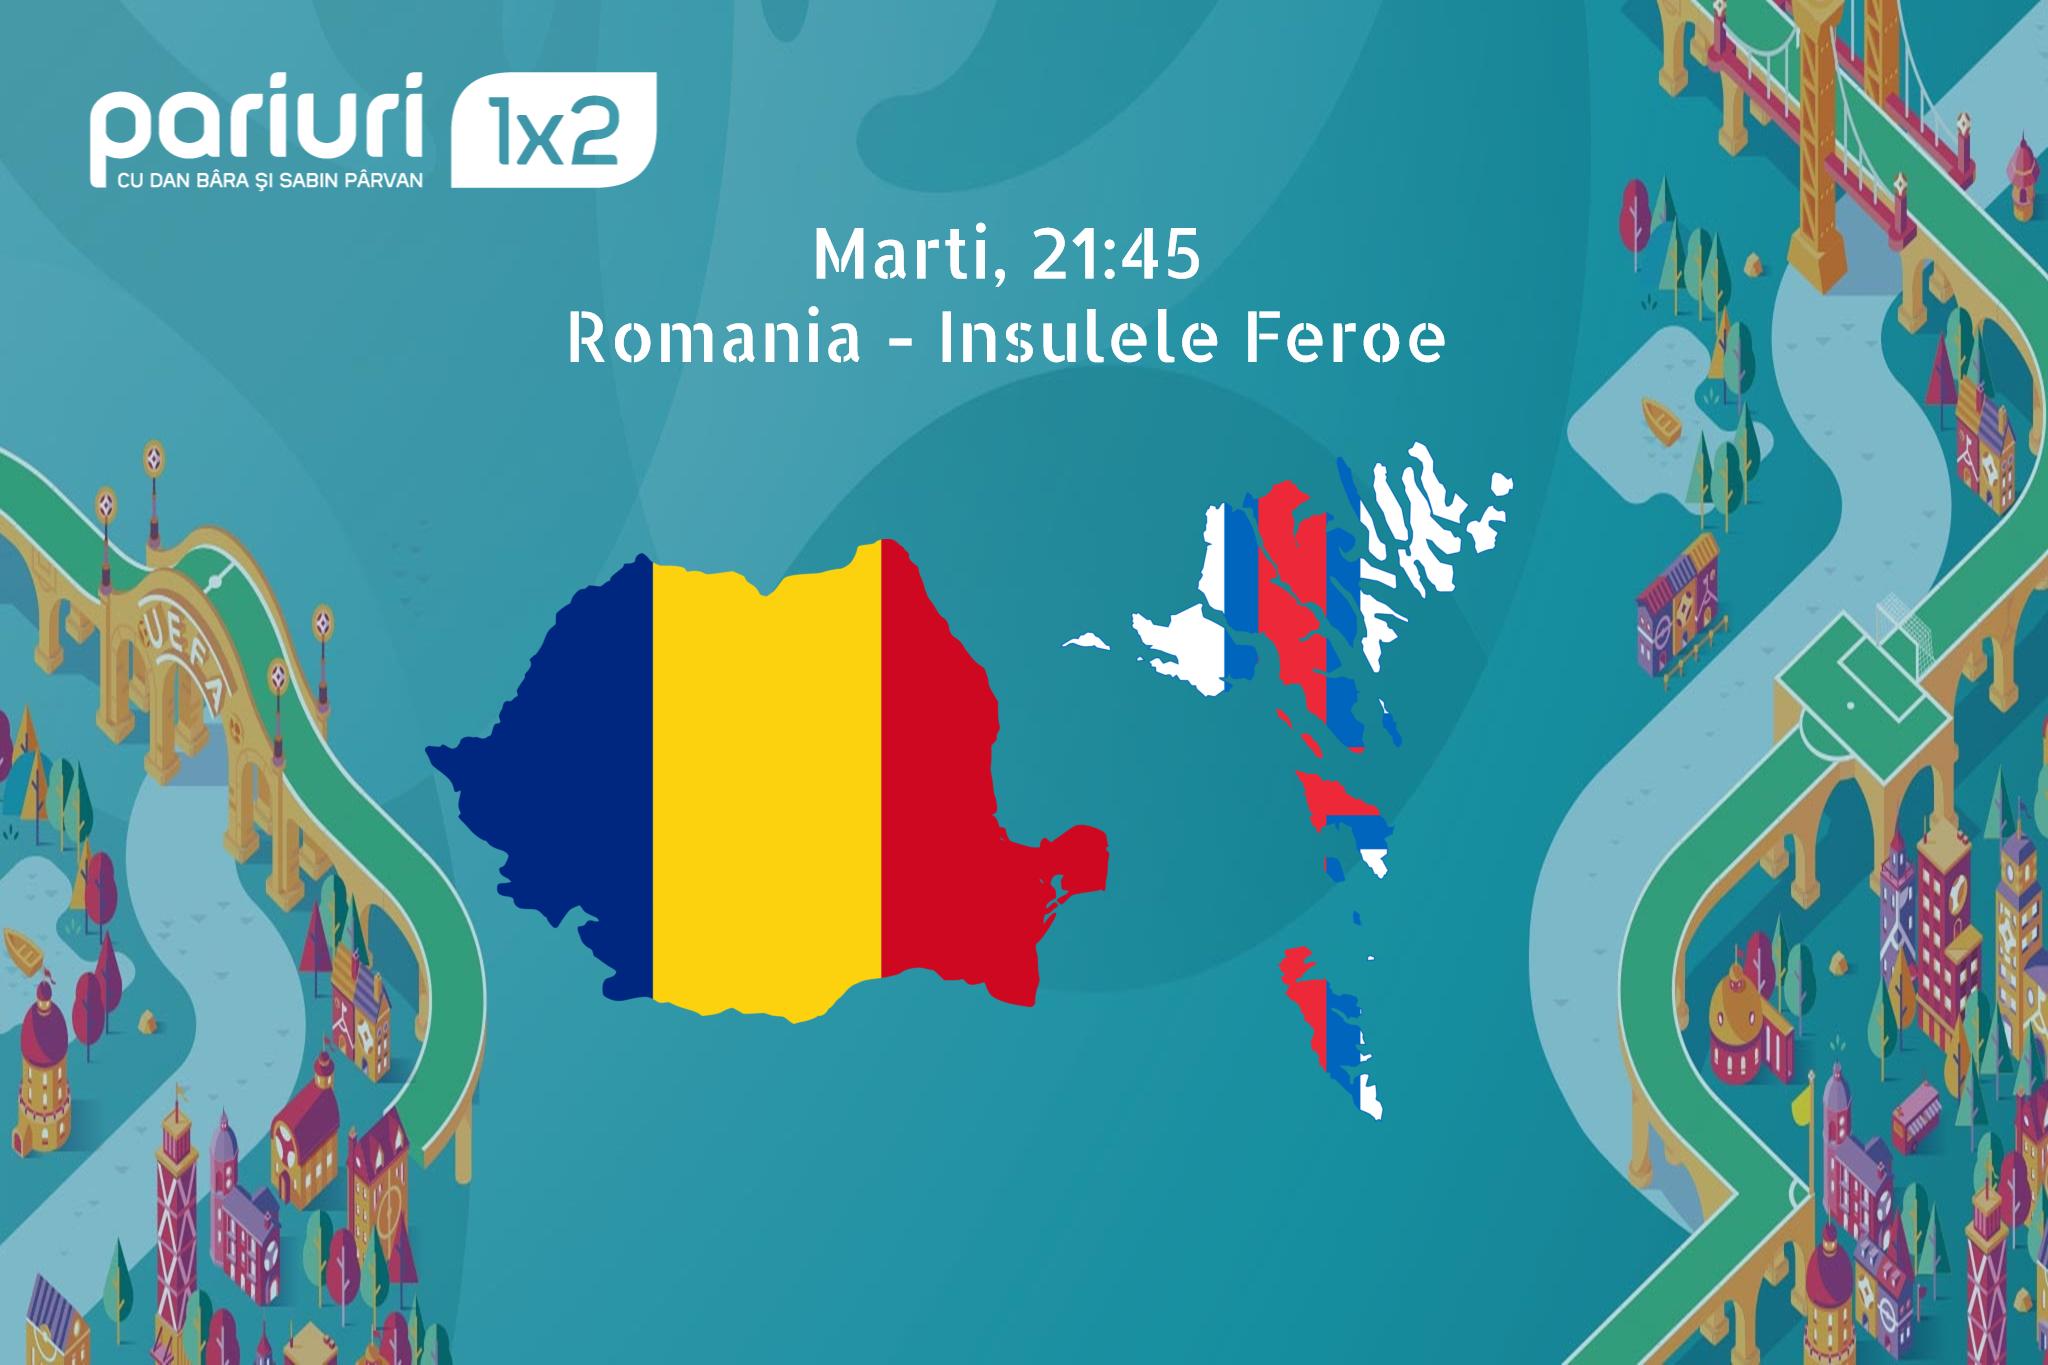 """Romania – Insulele Feroe: """"Tricolorii"""" TREBUIE sa obtina toate punctele puse in joc! Pariuri1x2 v-a pregatit un pont in cota 1.64 cu ajutorul optiunii """"scor corect oricand in meci""""!"""